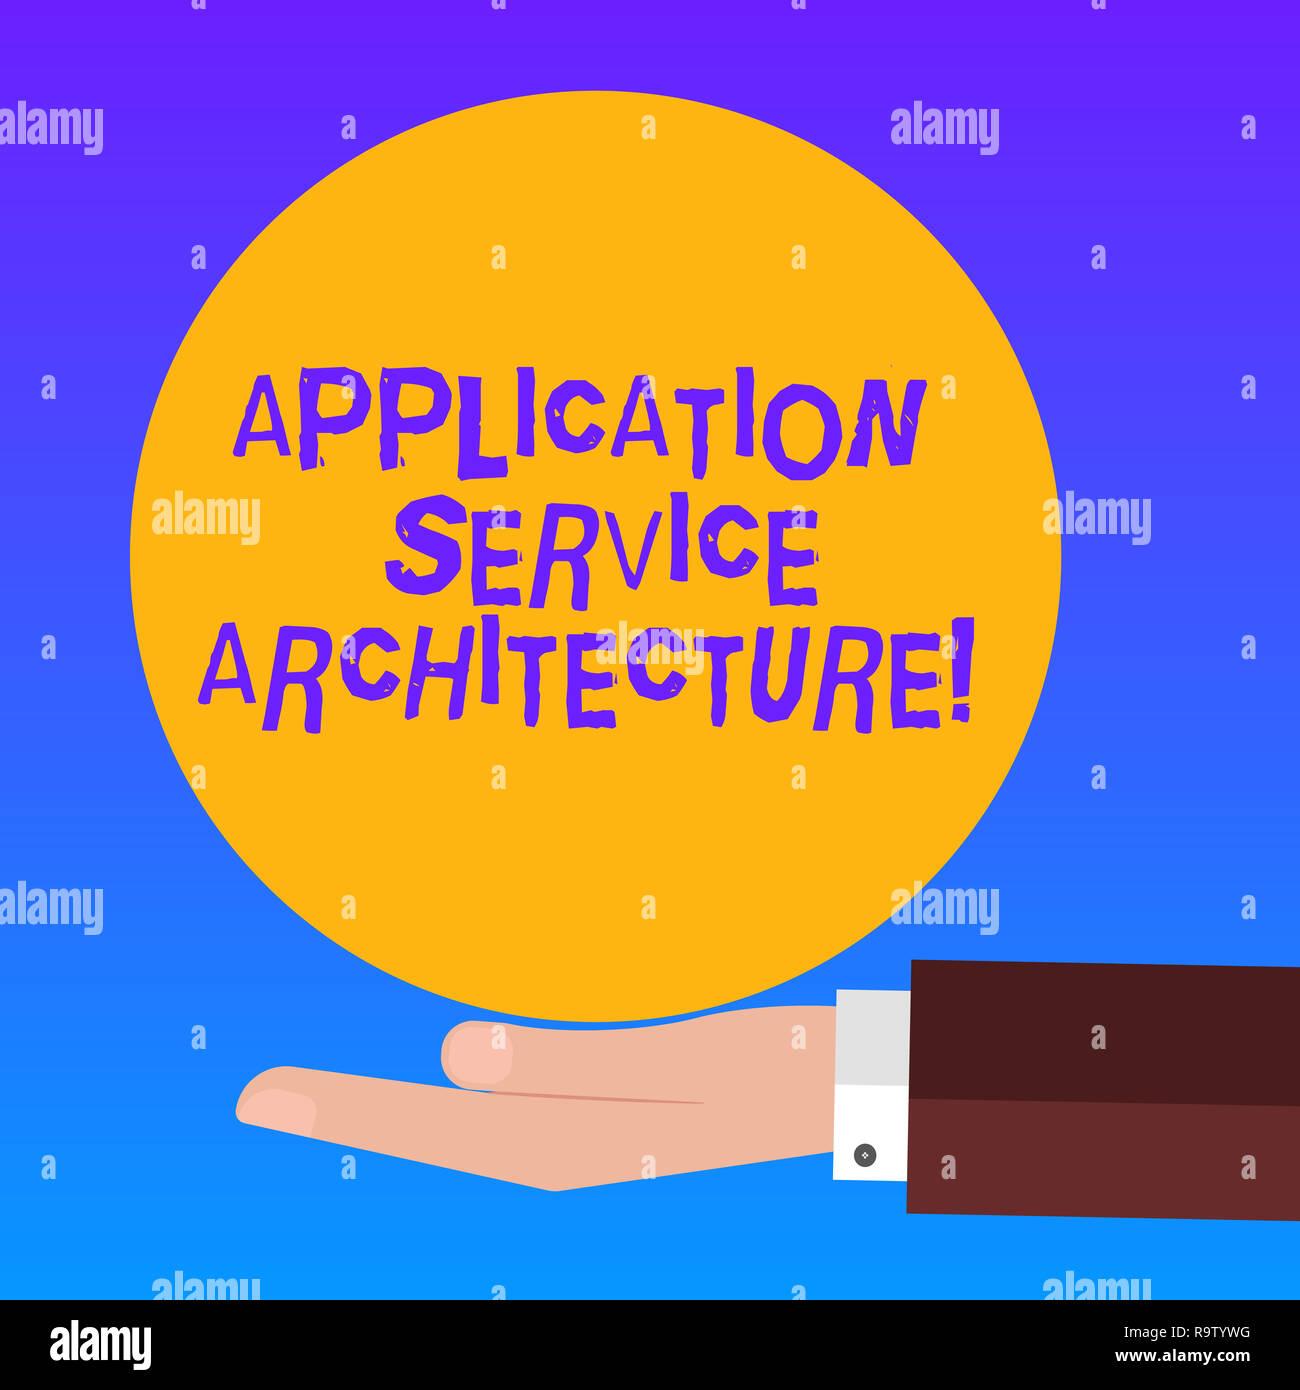 16b4c9e69 Arquitectura del servicio de aplicación de texto de escritura a mano.  Concepto Significado diseño de soluciones que vincular aplicaciones y datos  de ...